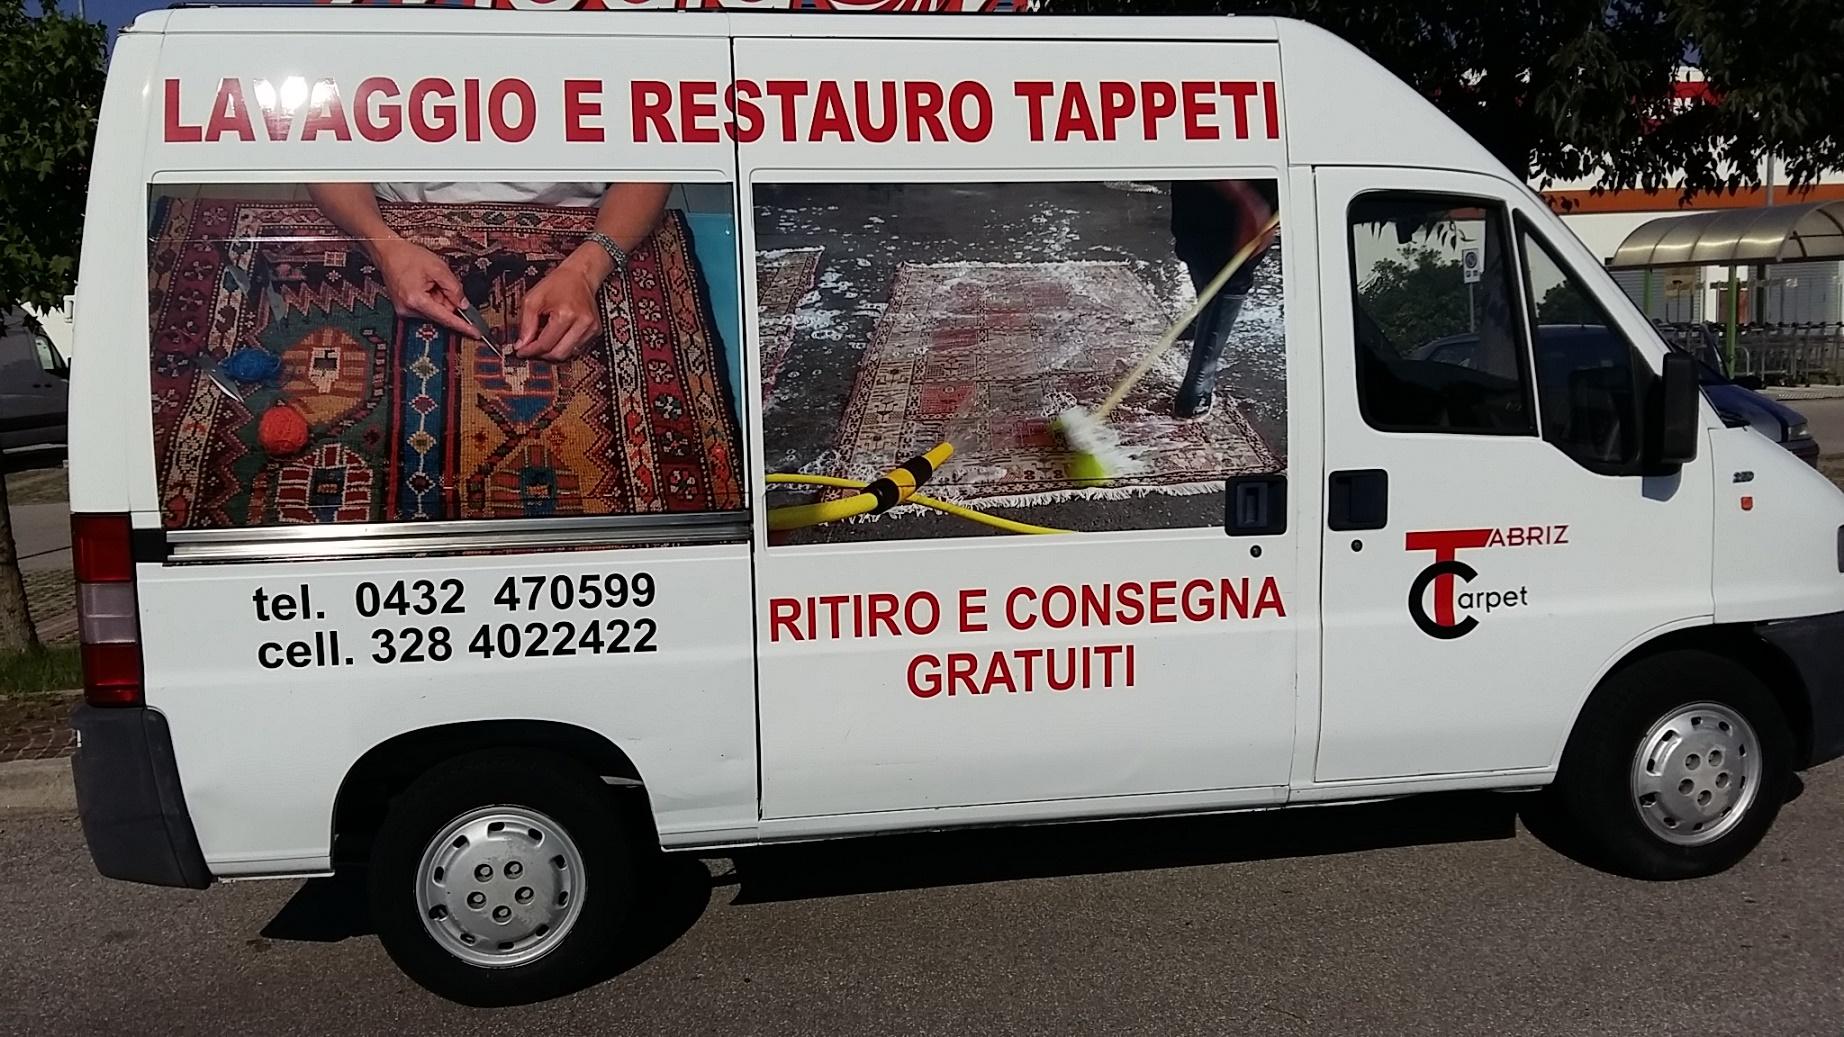 Tappeti Tabriz carpet Udine-lavaggio tappeto persiano udine, Ritiro e consegna tappeti Gratuiti da Udine